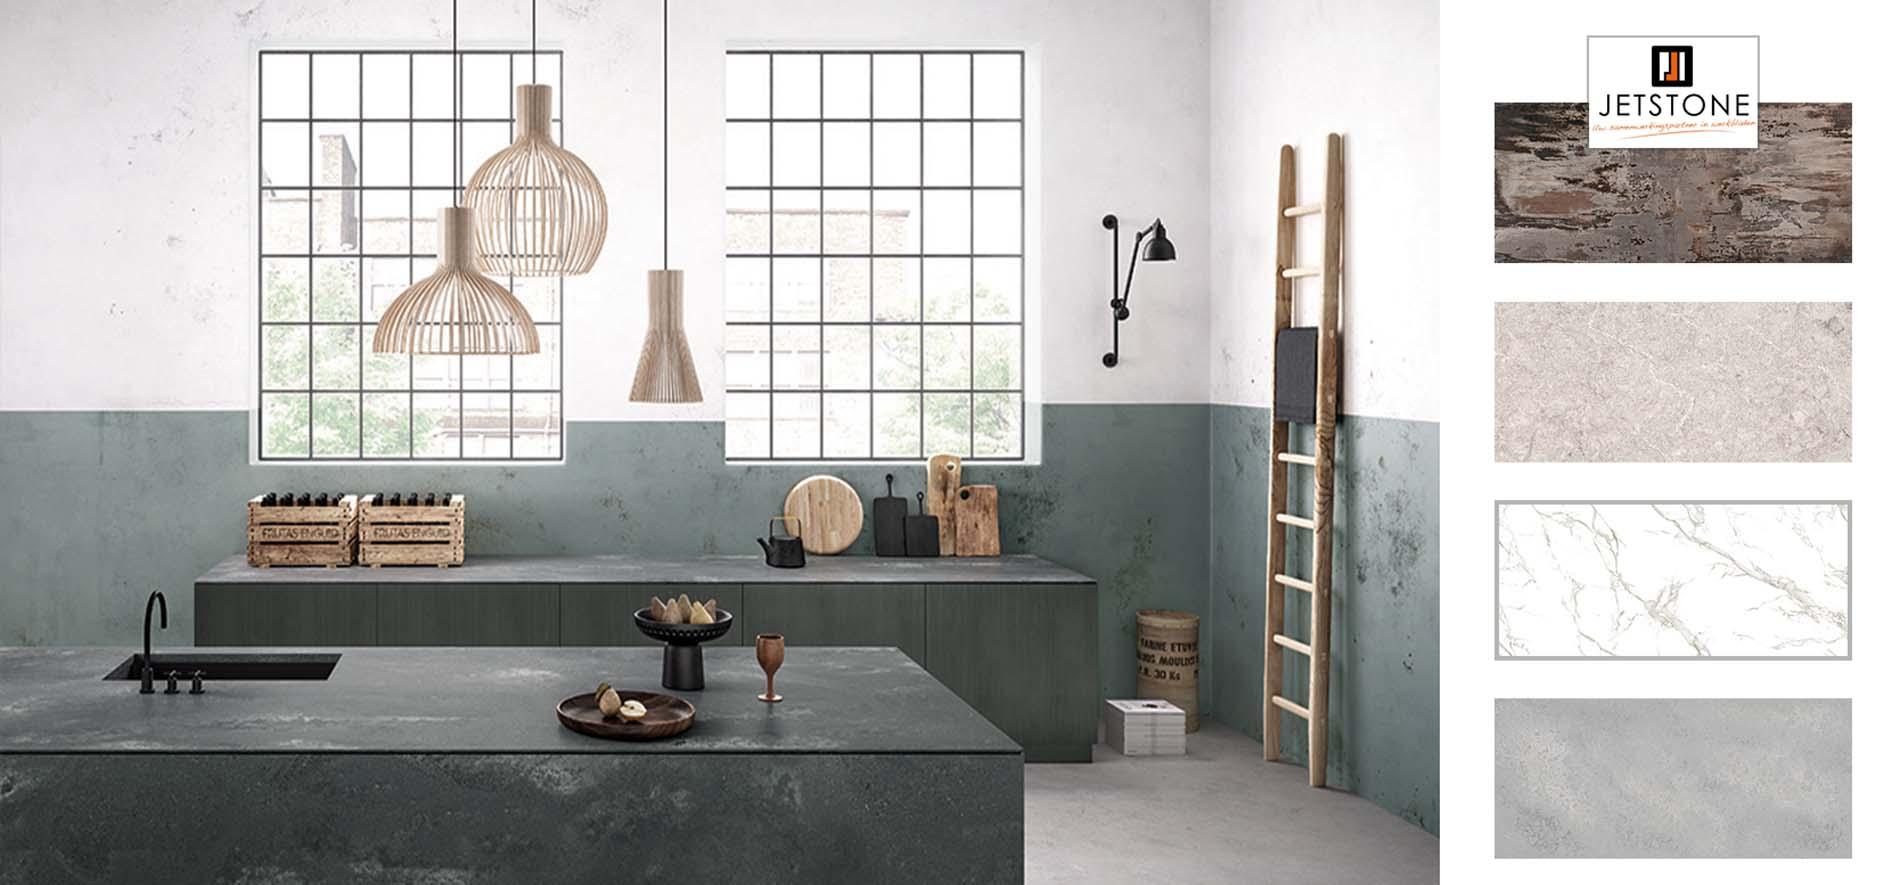 Keukentrends - Keuken Inspiratie trends werkbladen Jetsone, ASWA Keukens